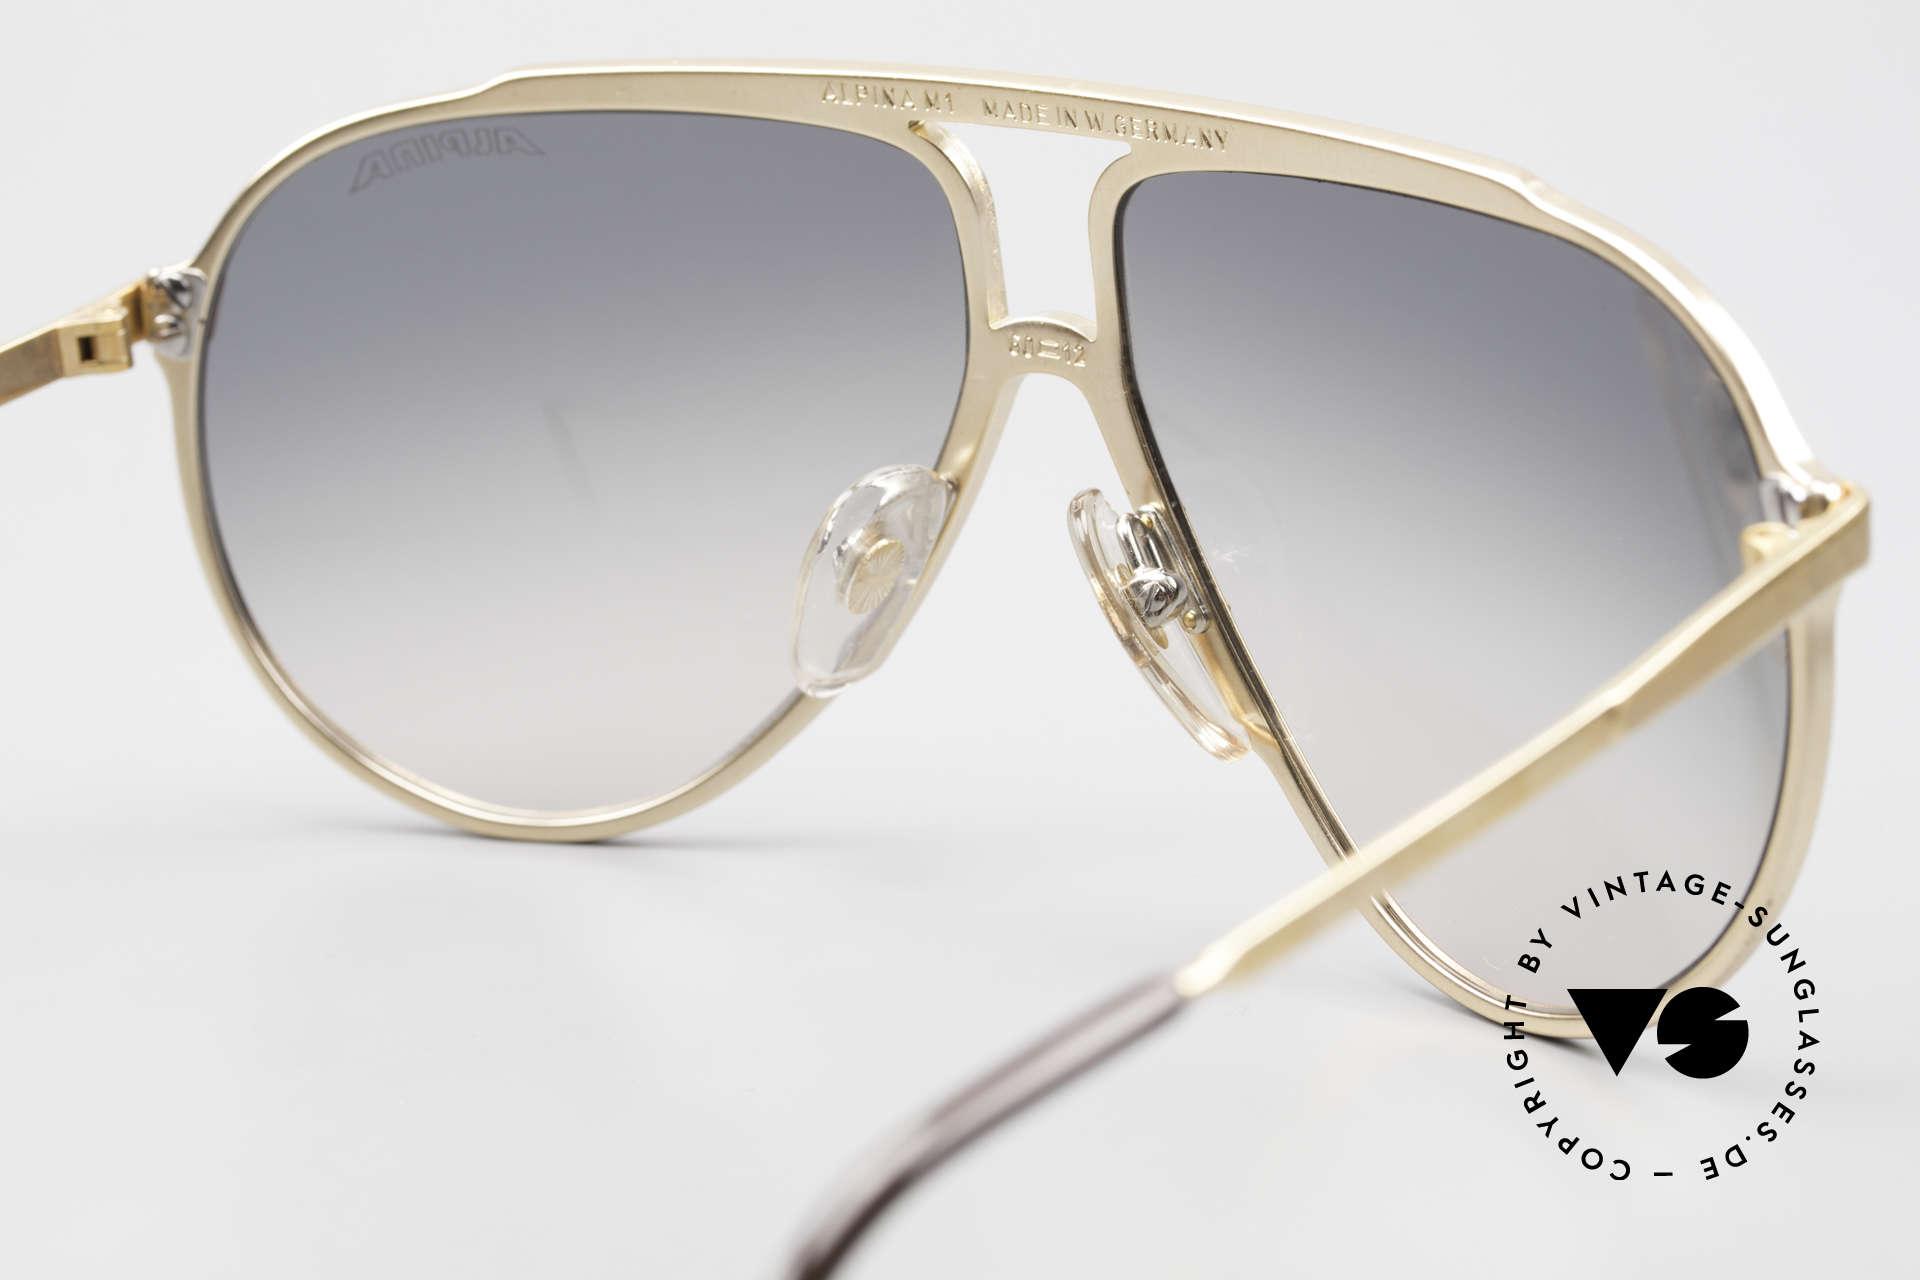 Alpina M1 80er Kult Vintage Sonnenbrille, KEINE Retro Sonnenbrille; das alte 80er Original, Passend für Herren und Damen